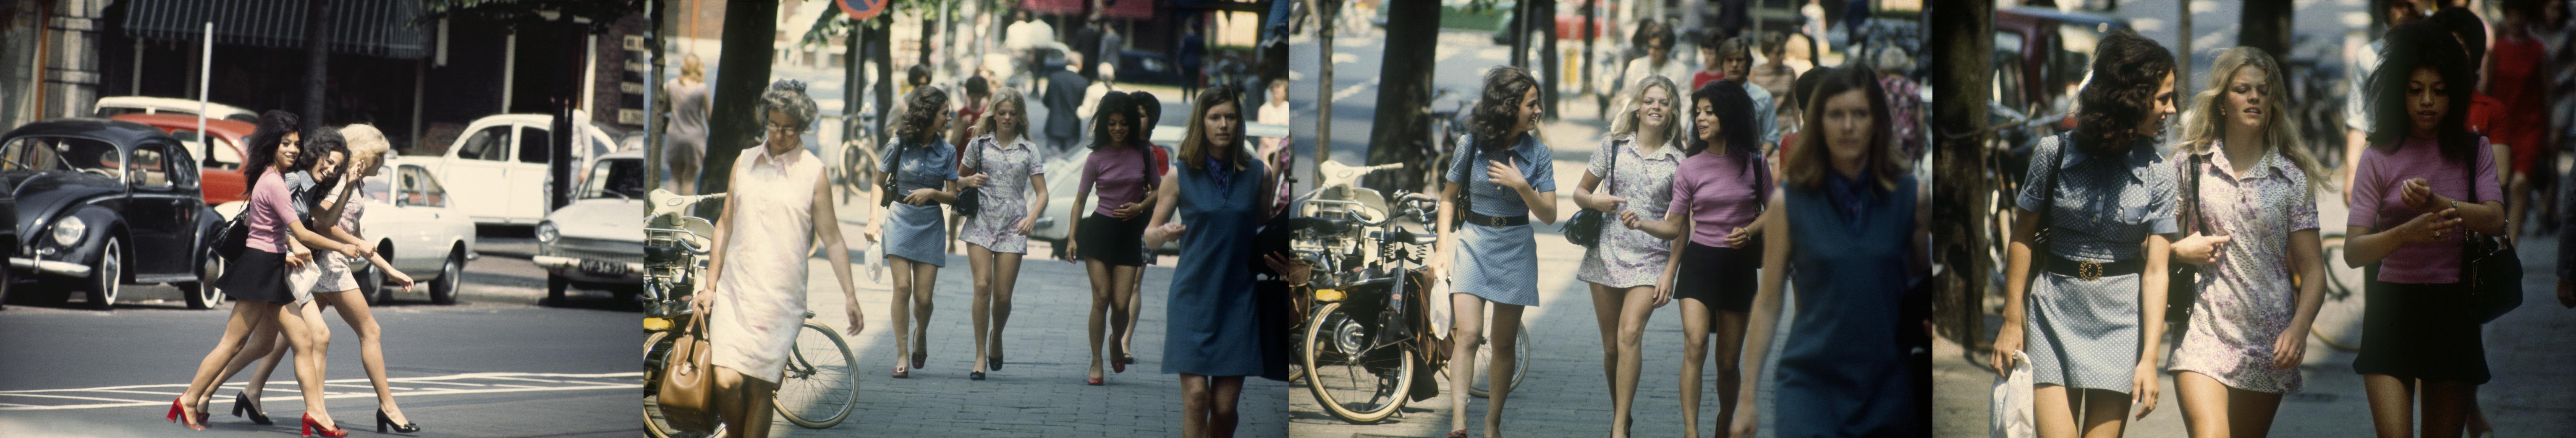 De vermoedelijke choreografie van de foto van de drie jonge vrouwen: het begon met de oversteek en pas daarna volgden nog drie opnamen van de meisjes op de stoep.